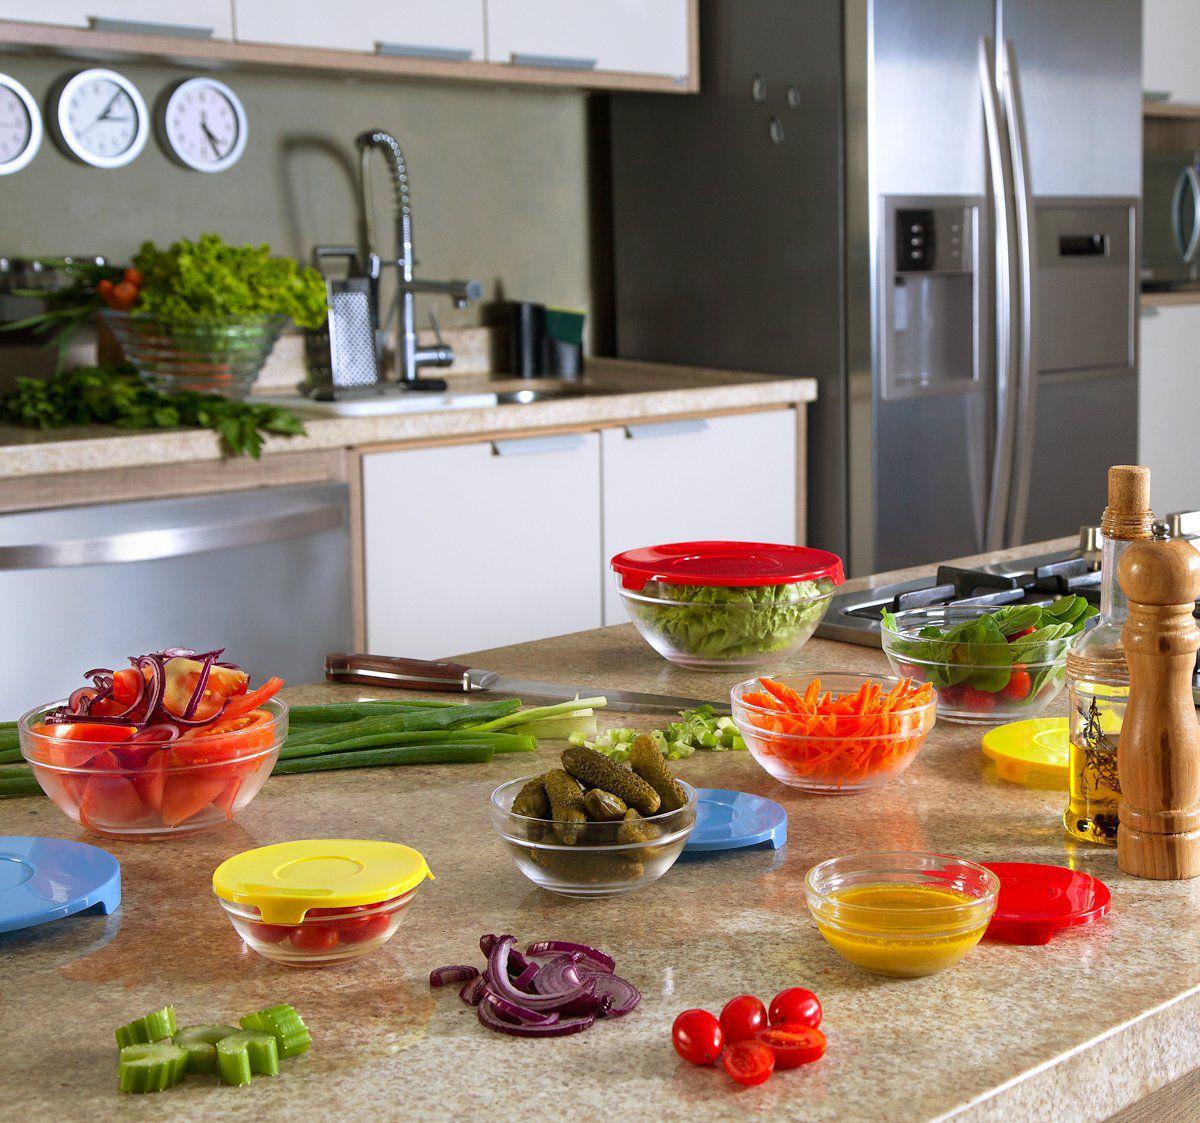 Conjunto 5 potes de vidro transparente e tampa de plástico Vermelho Bon Gourmet - 25622(2)